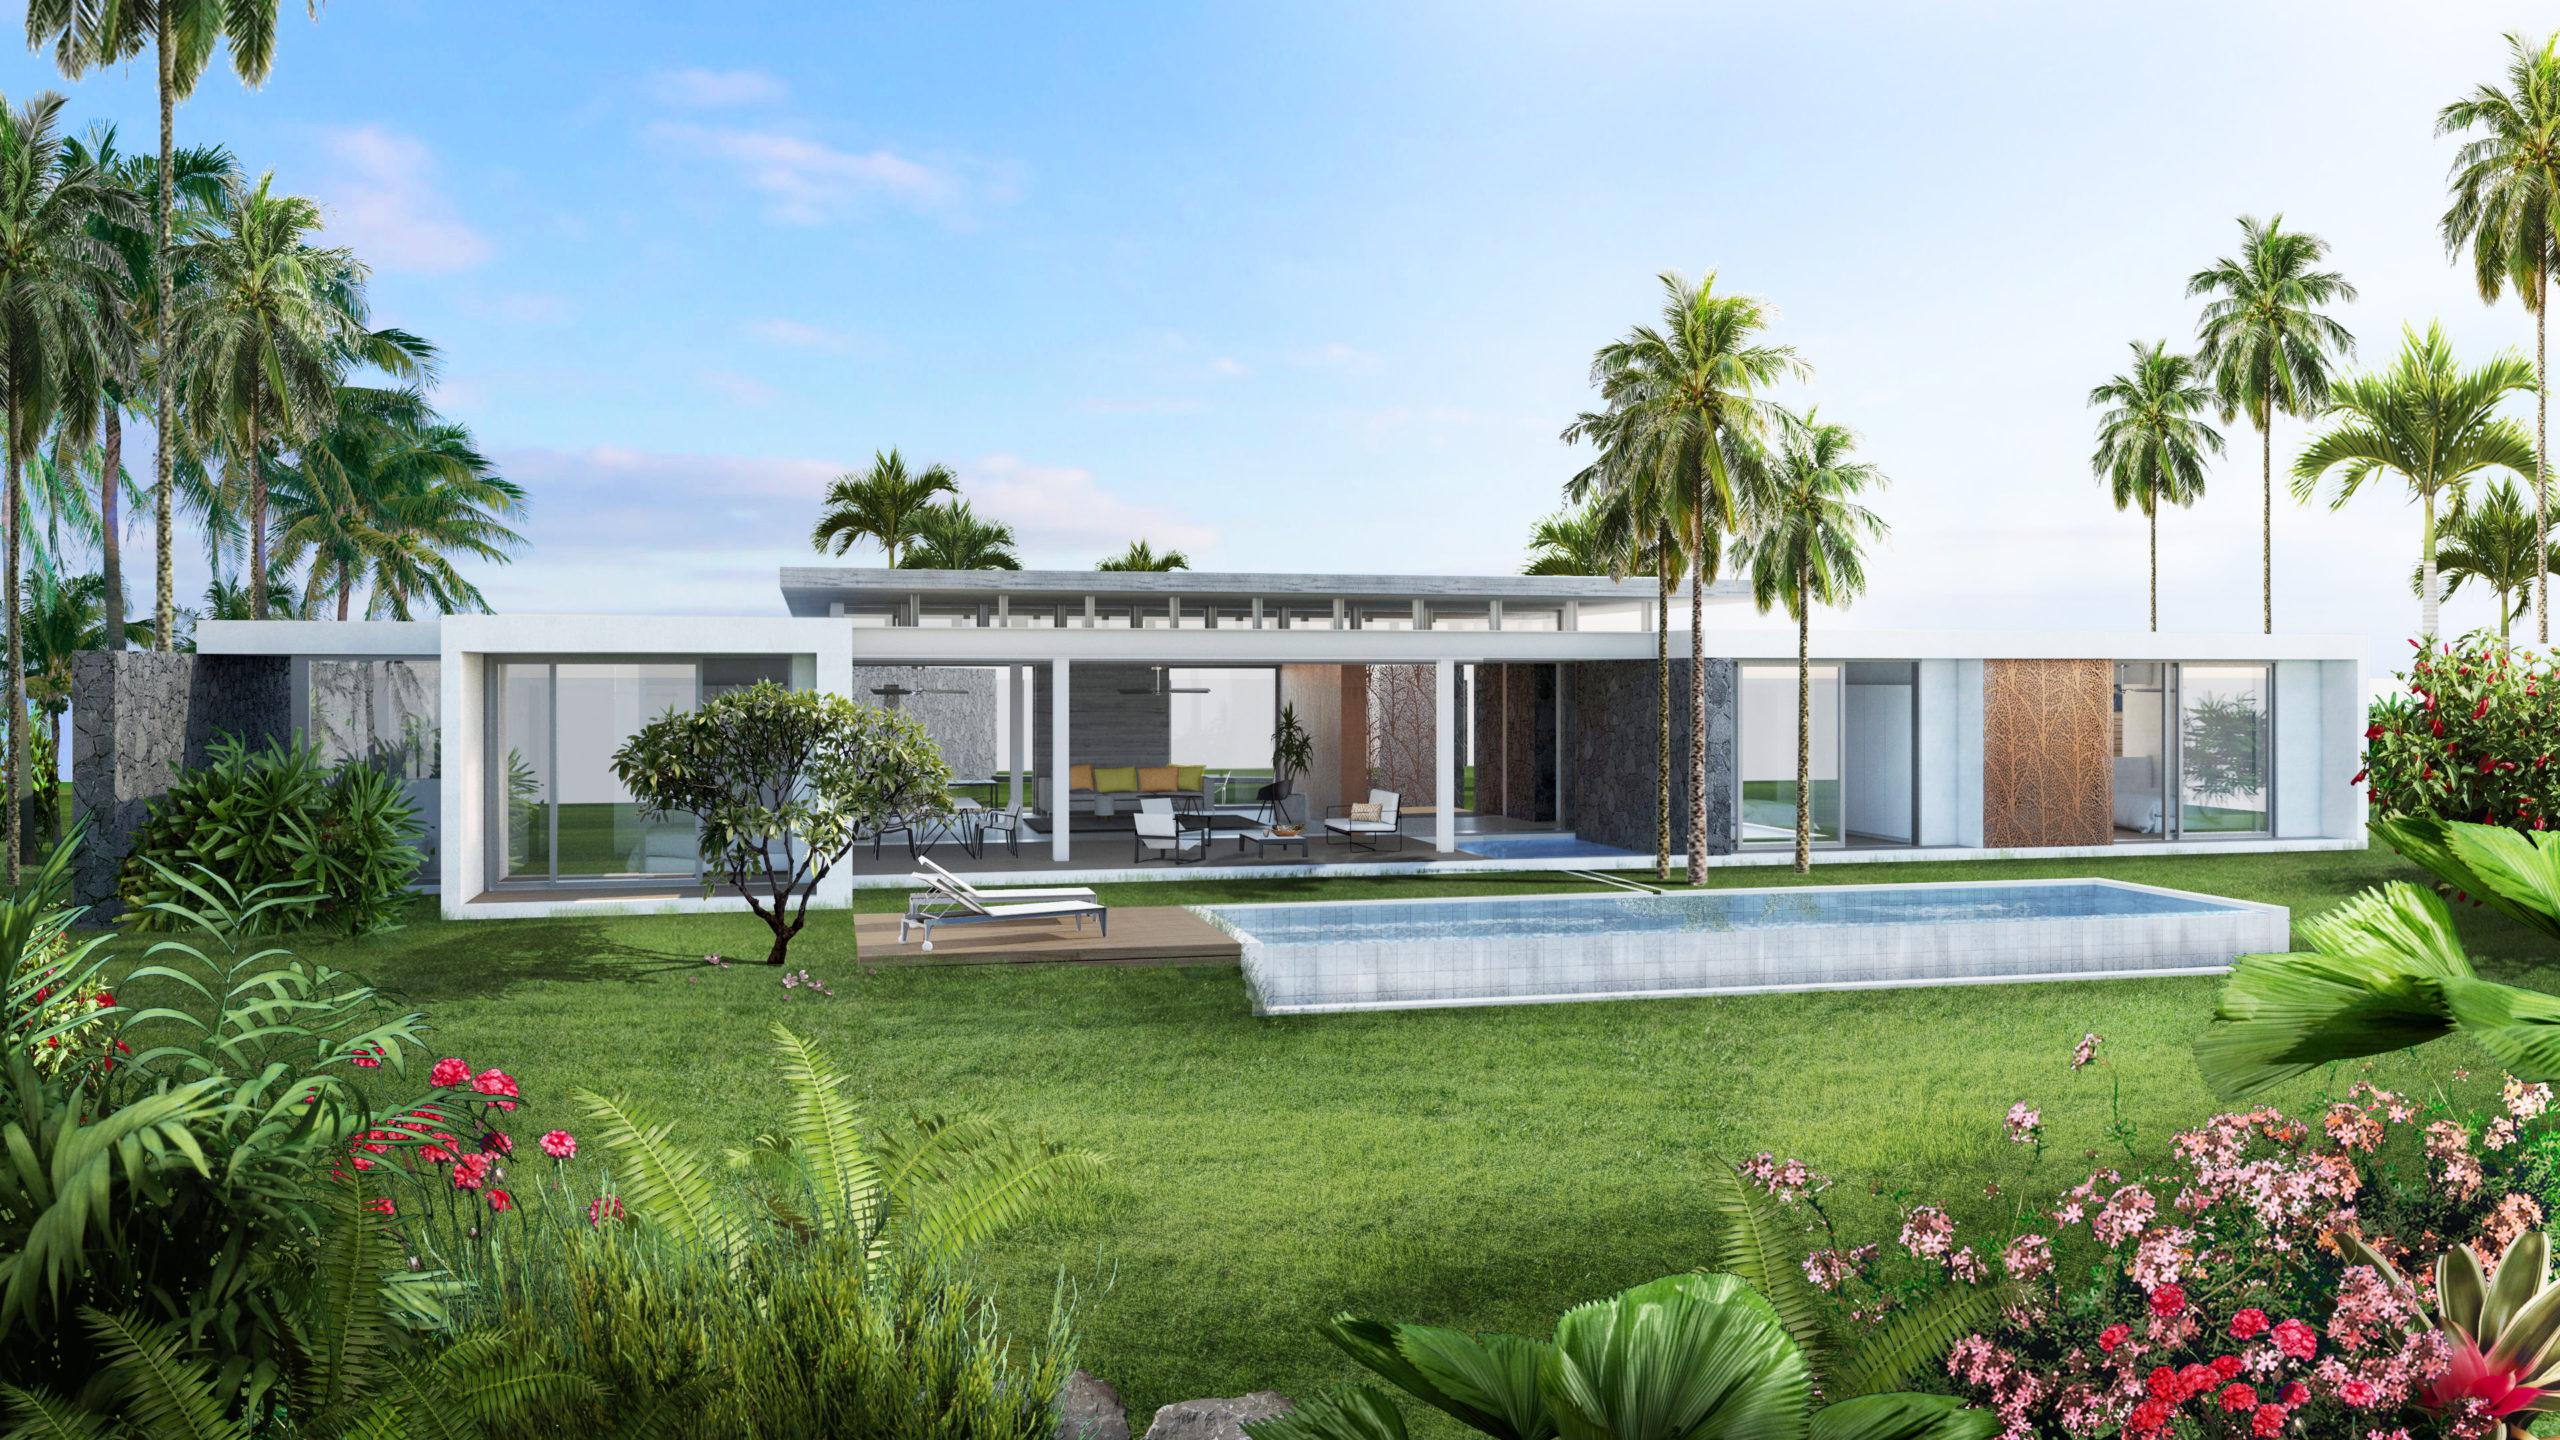 Maison/villa – 3 chambres – 304 m² Beau Champ, Est île Maurice